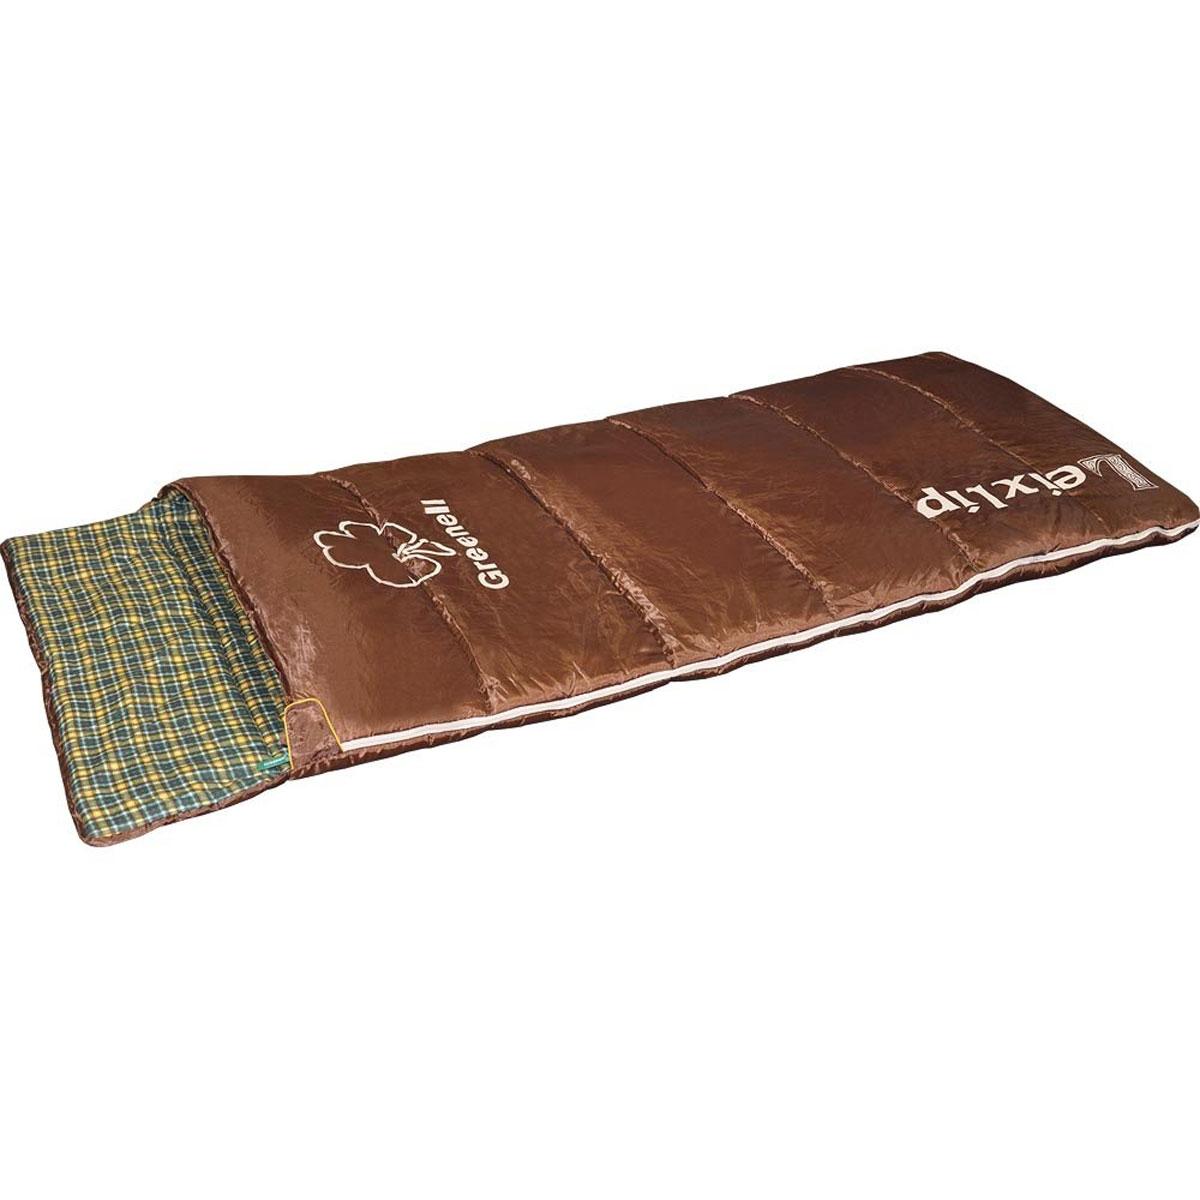 Спальный мешок Greenell Лейкслип, левосторонняя молния, цвет: коричневый34023-224-00Спальный мешок Greenell Лейкслип - комфорт домашнего пледа. Выспаться уютно по-домашнему в комфортном одеяле с фланелевой хлопковой подкладкой. Разъемная застежка-молния, левый и правый вариант делают эту модель универсальной в применении и позволяют состегнуть вместе два спальника. А отправляясь в путь, не забудьте вынуть документы из внутреннего кармана спальника.Увеличенный внутренний объем кемпингового спальника позволяет комфортно отдохнуть даже человеку крупной комплекции! Используемый утеплитель холлофайбер безопасен для людей с гиперчувствительной кожей и аллергиков. Холлофайбер быстро сохнет, не скомкивается и отлично удерживает тепло При необходимости кемпинговый спальный мешок можно использовать в качестве дополнительного утепляющего слоя и в домашних условиях в холодную зиму. Компрессионный мешок в комплекте.Материал верха: 210T Polyester Honey Ripstop Cire W/R. Материал подкладки: Flannel cotton.